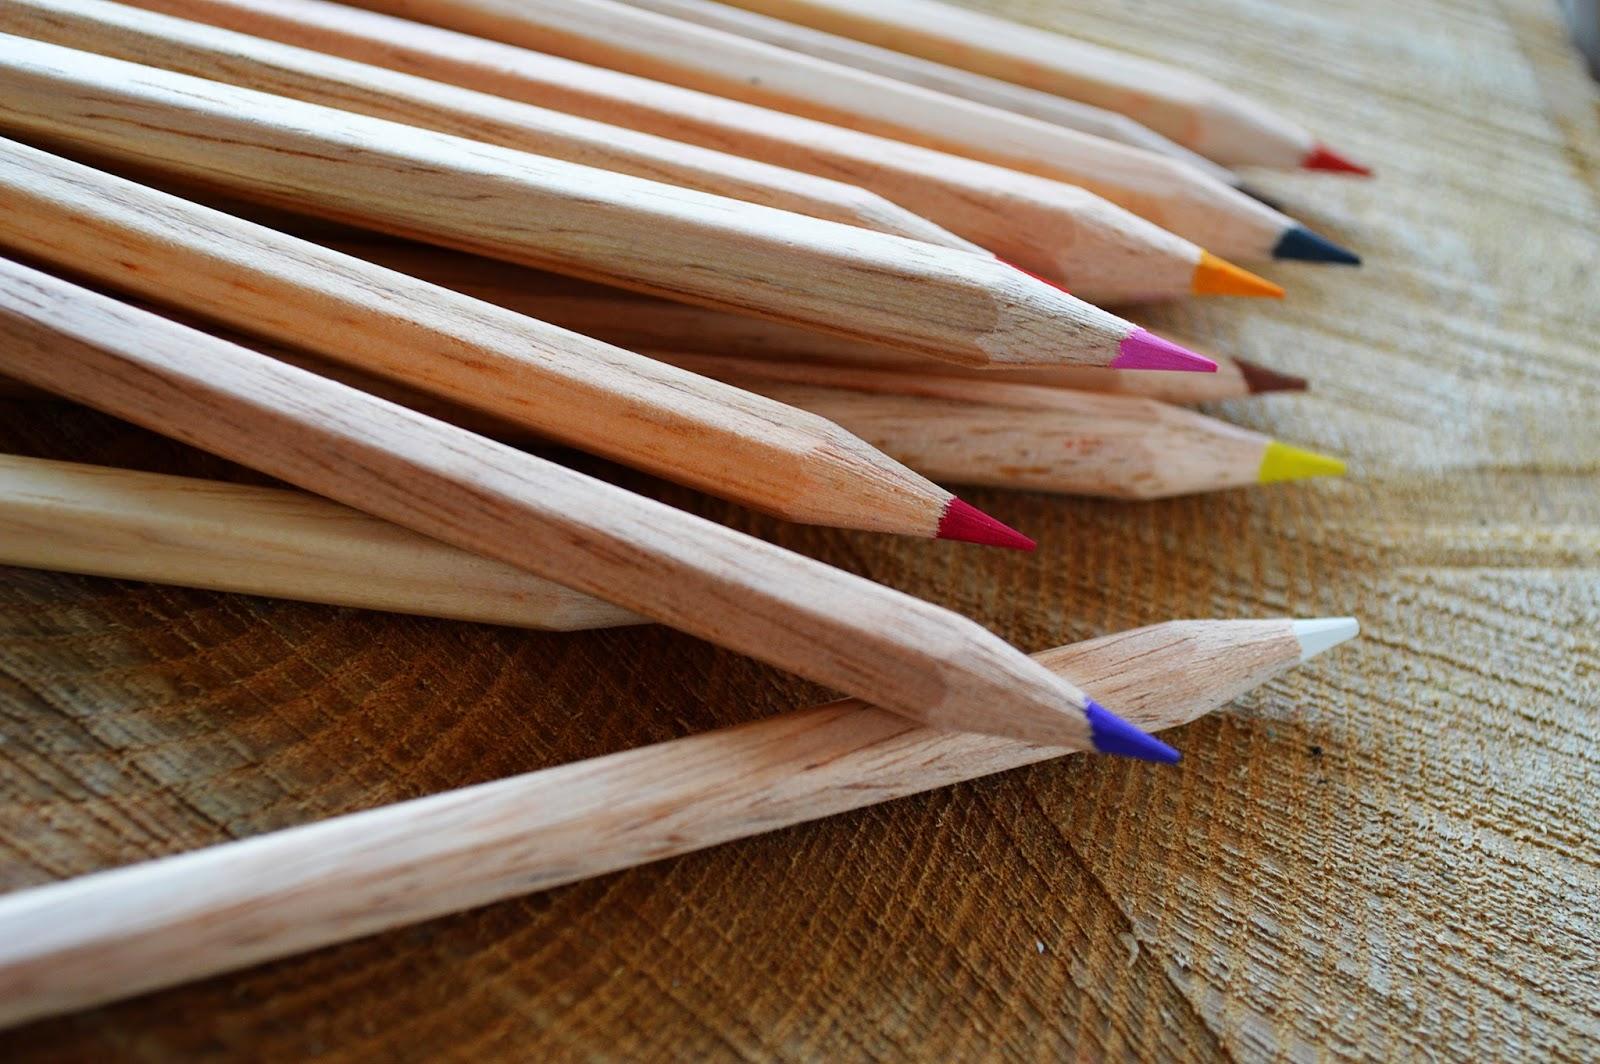 DIY Arrow Pencils   Motte's Blog